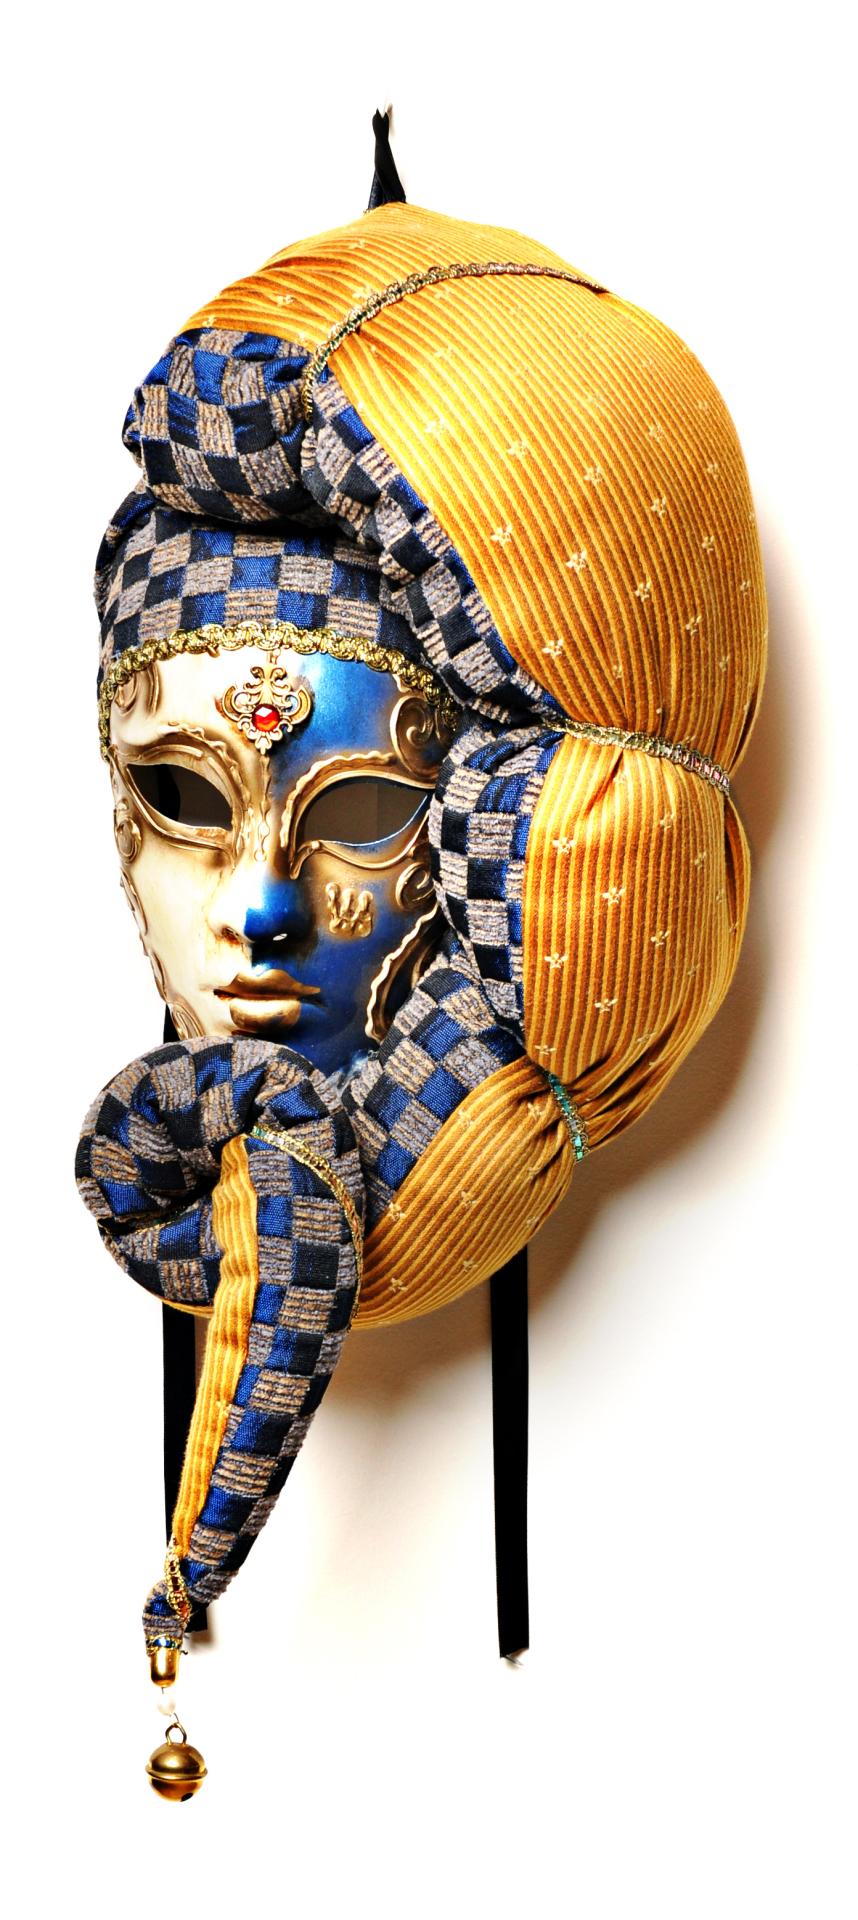 Volto Ventaglio Gold/Blue $229